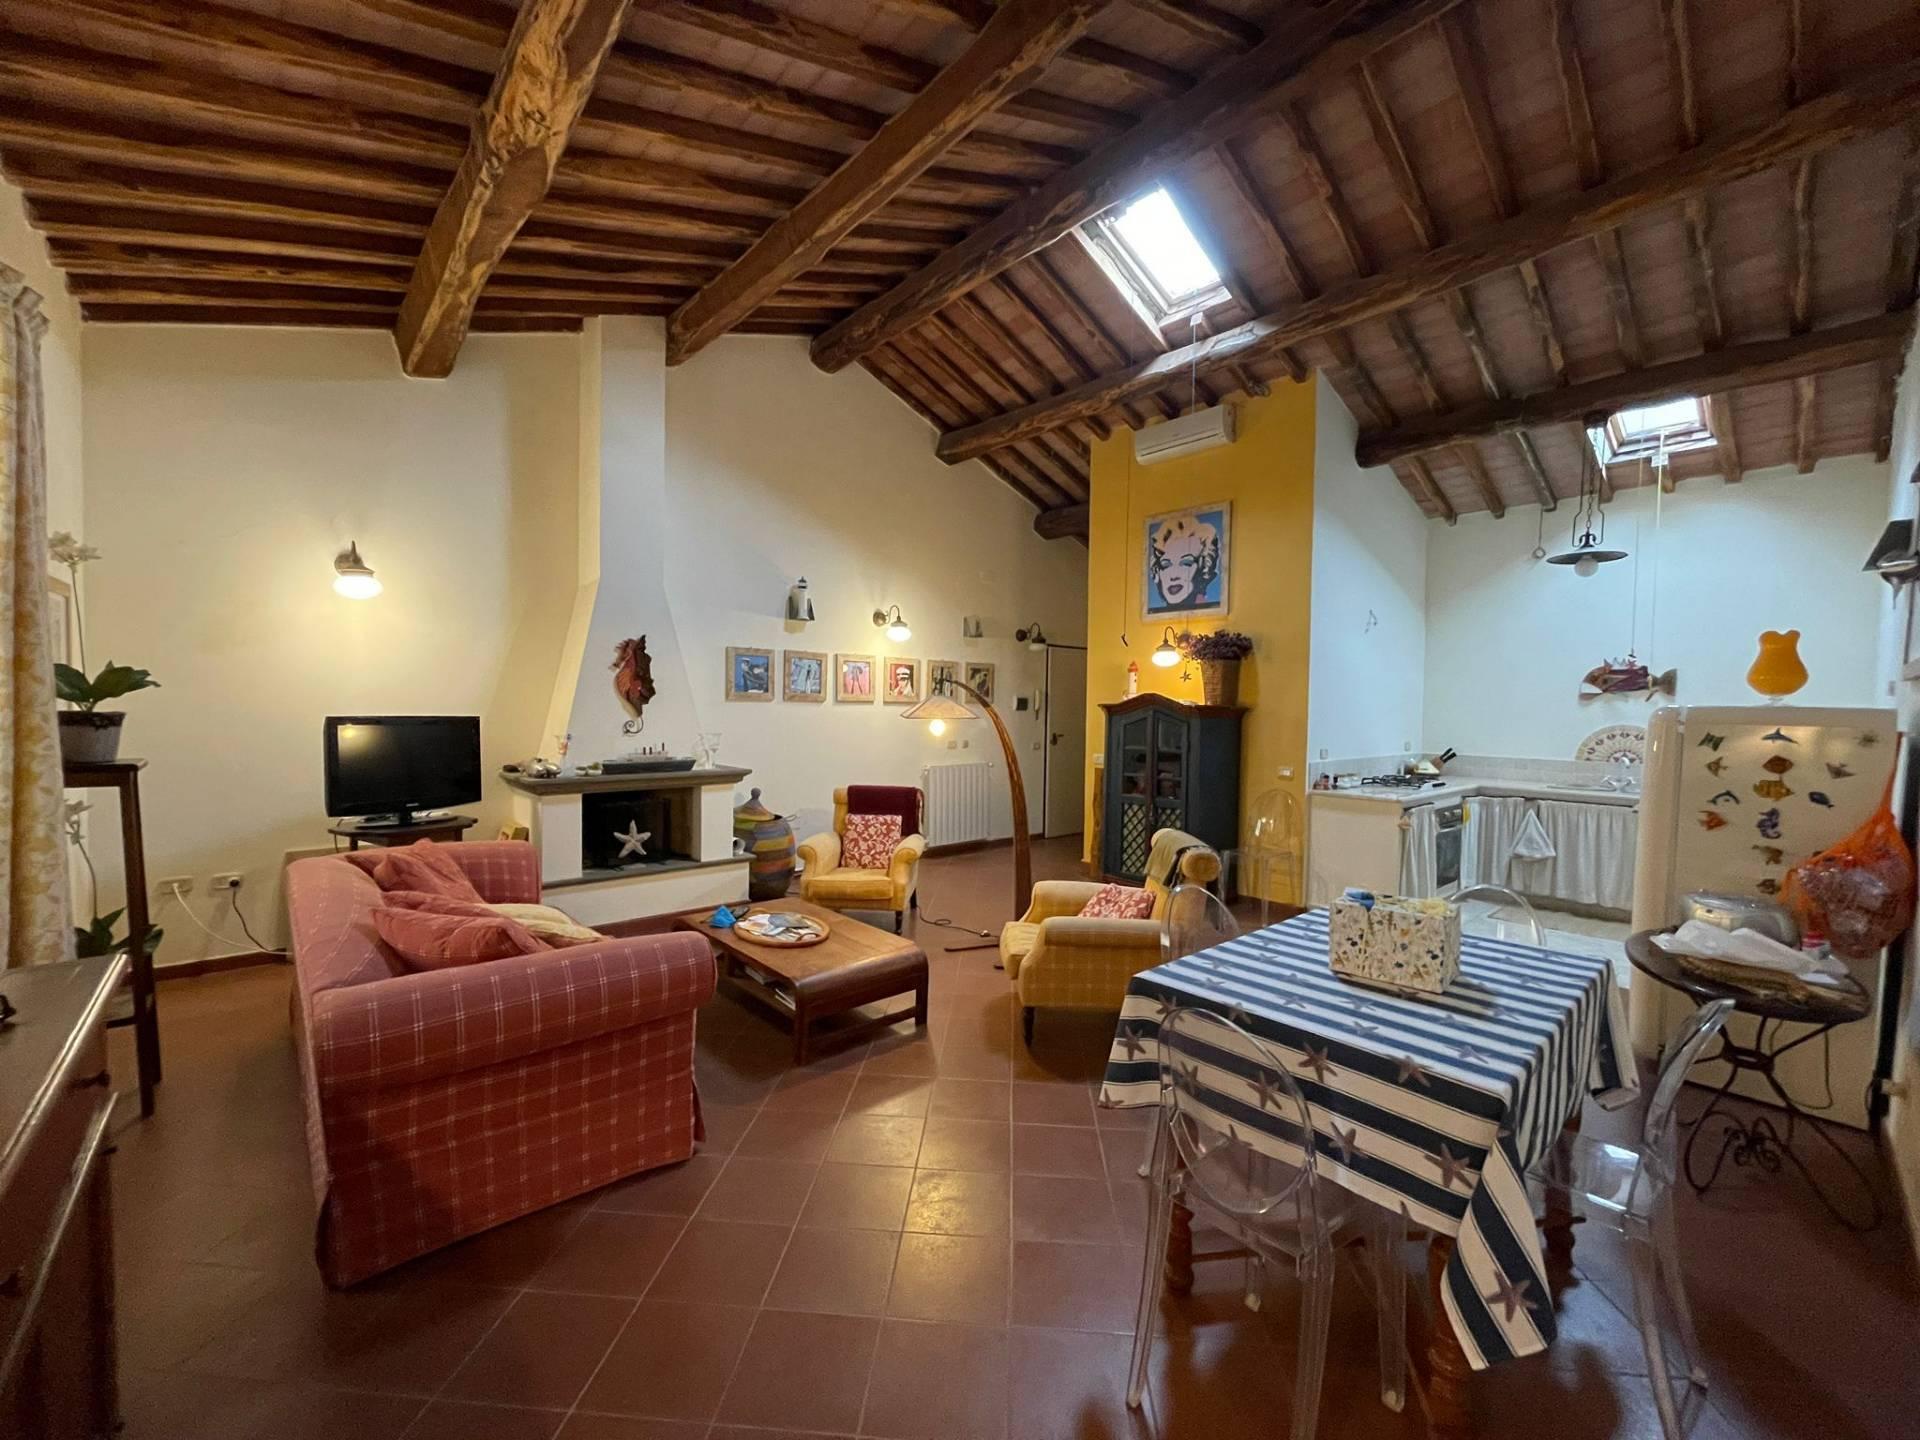 Appartamento in vendita a Orbetello, 5 locali, zona Località: Centrostorico, prezzo € 450.000 | PortaleAgenzieImmobiliari.it